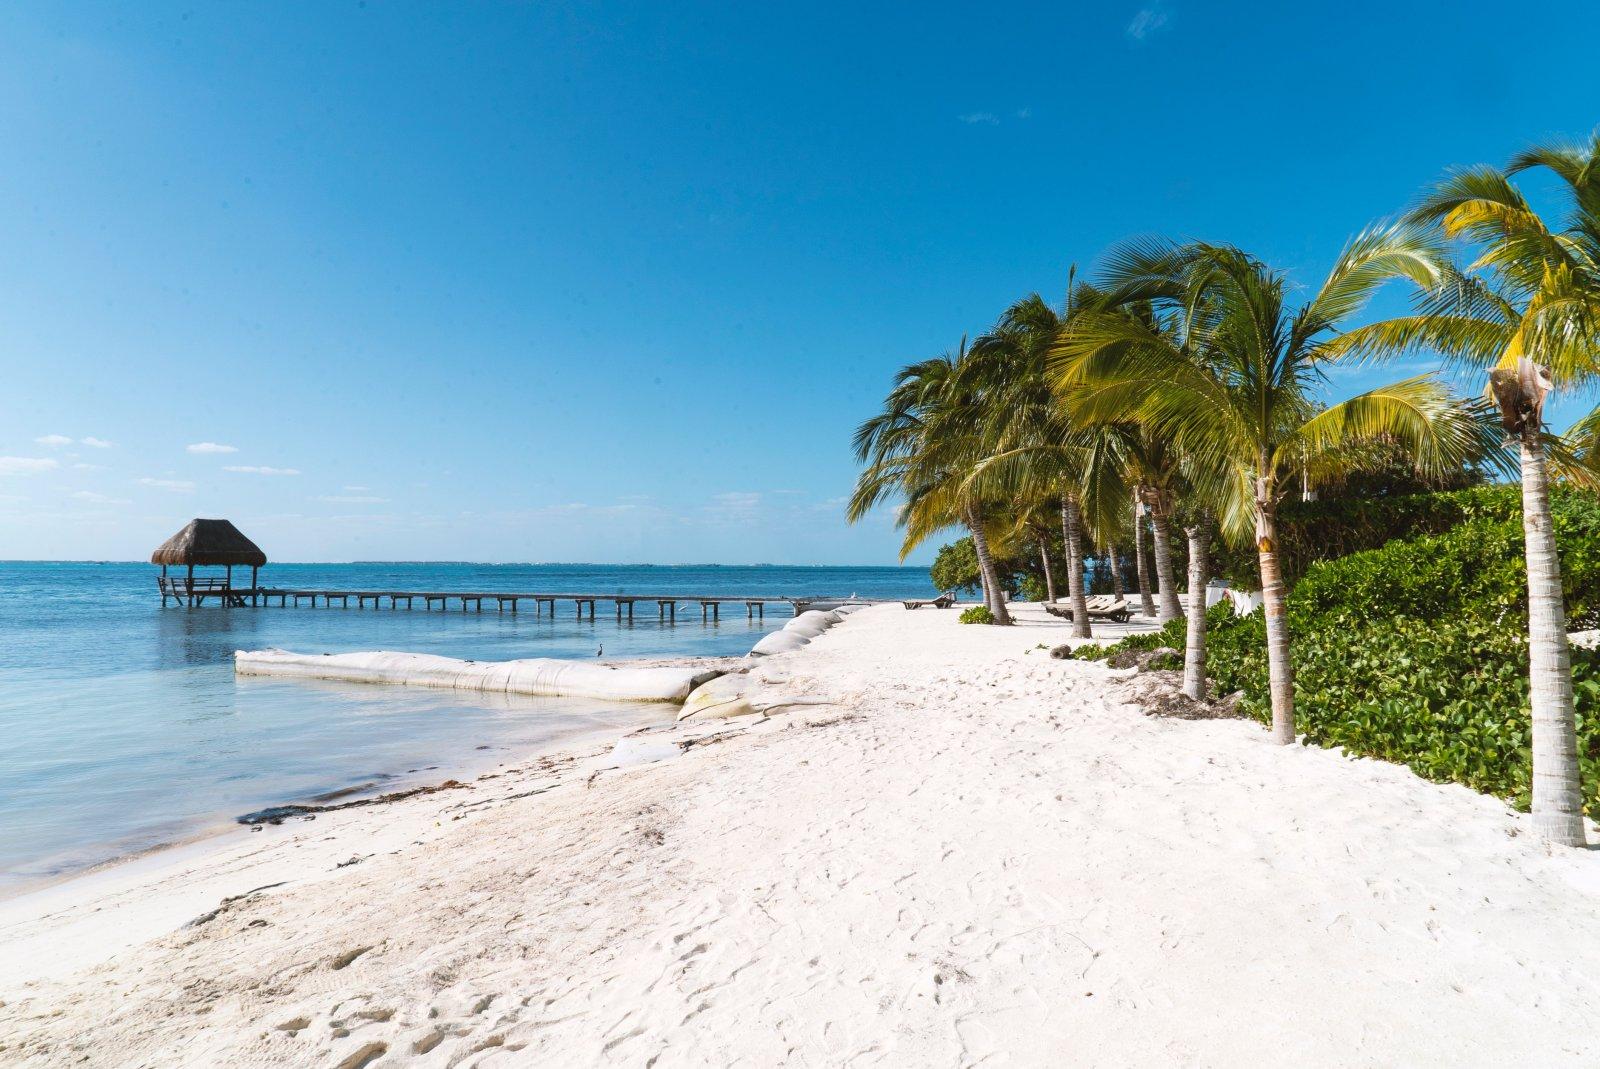 Viimase hetke pakkumine! Edasi-tagasi otselend Stockholmist Mehhikosse (Cancun) 203 eurot, Tallinnast ümberistumisega 298 eurot